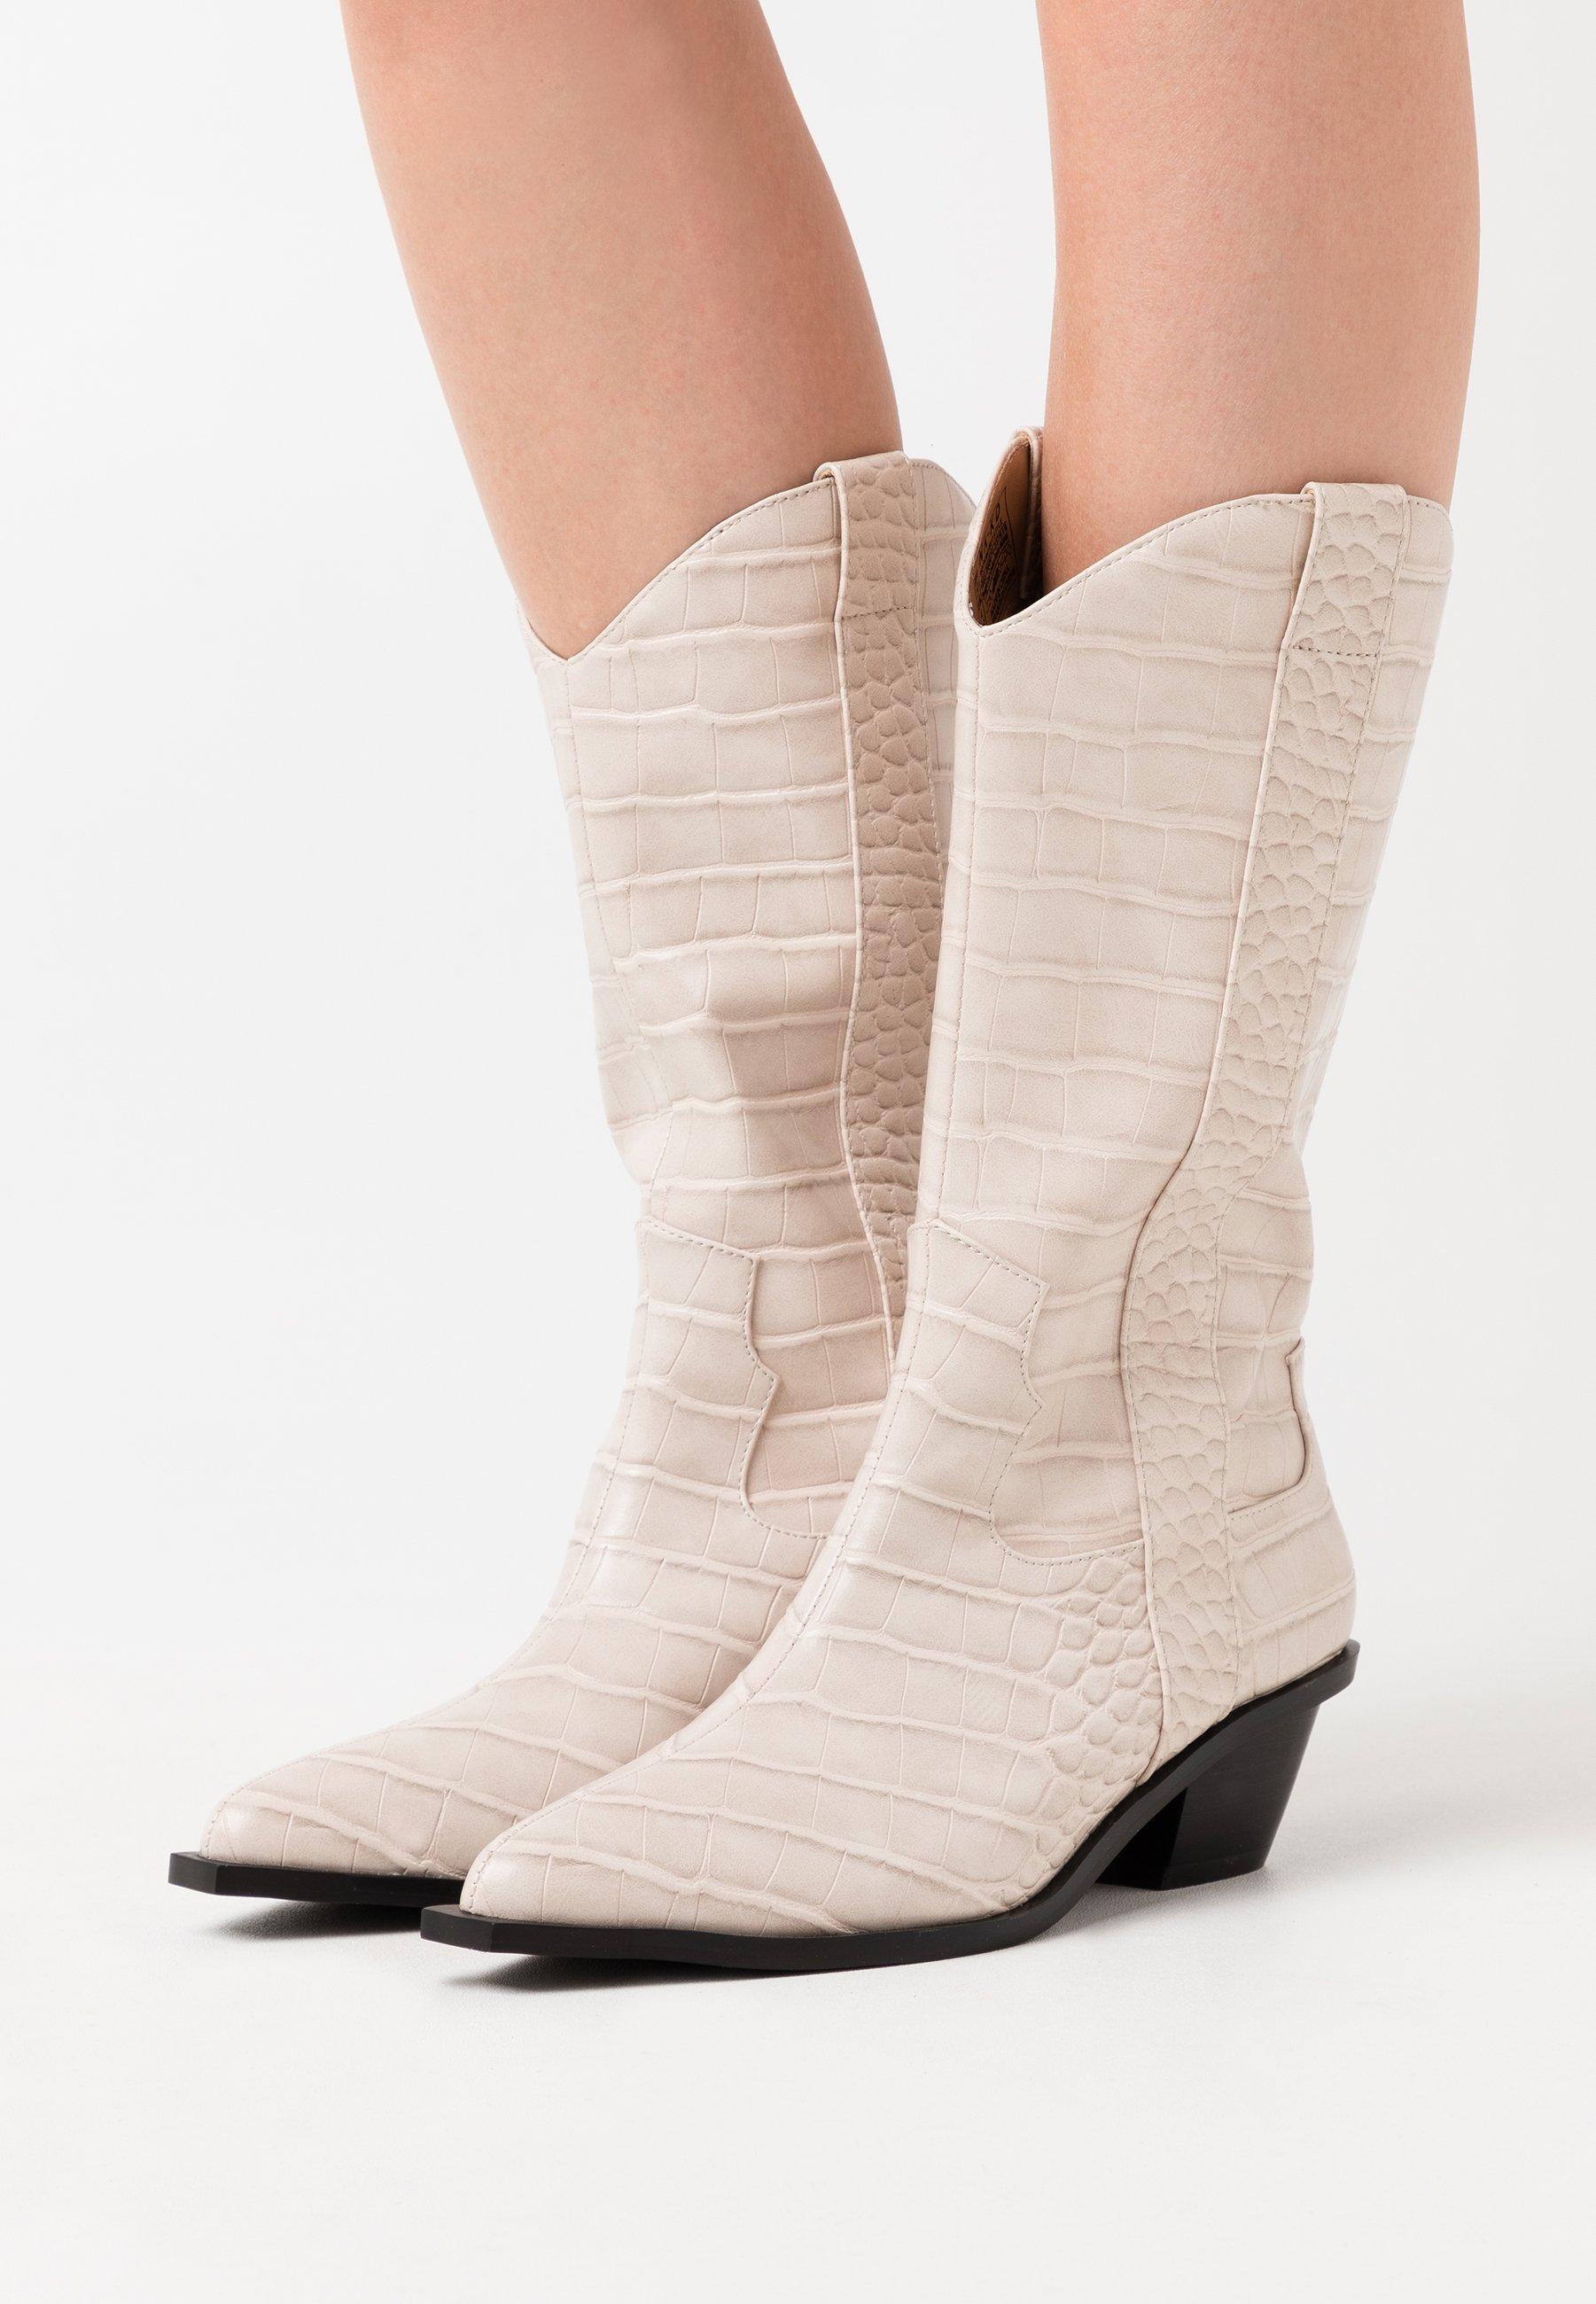 Scarpe da donna NA-KD STRAIGHT  Stivali texani / biker white